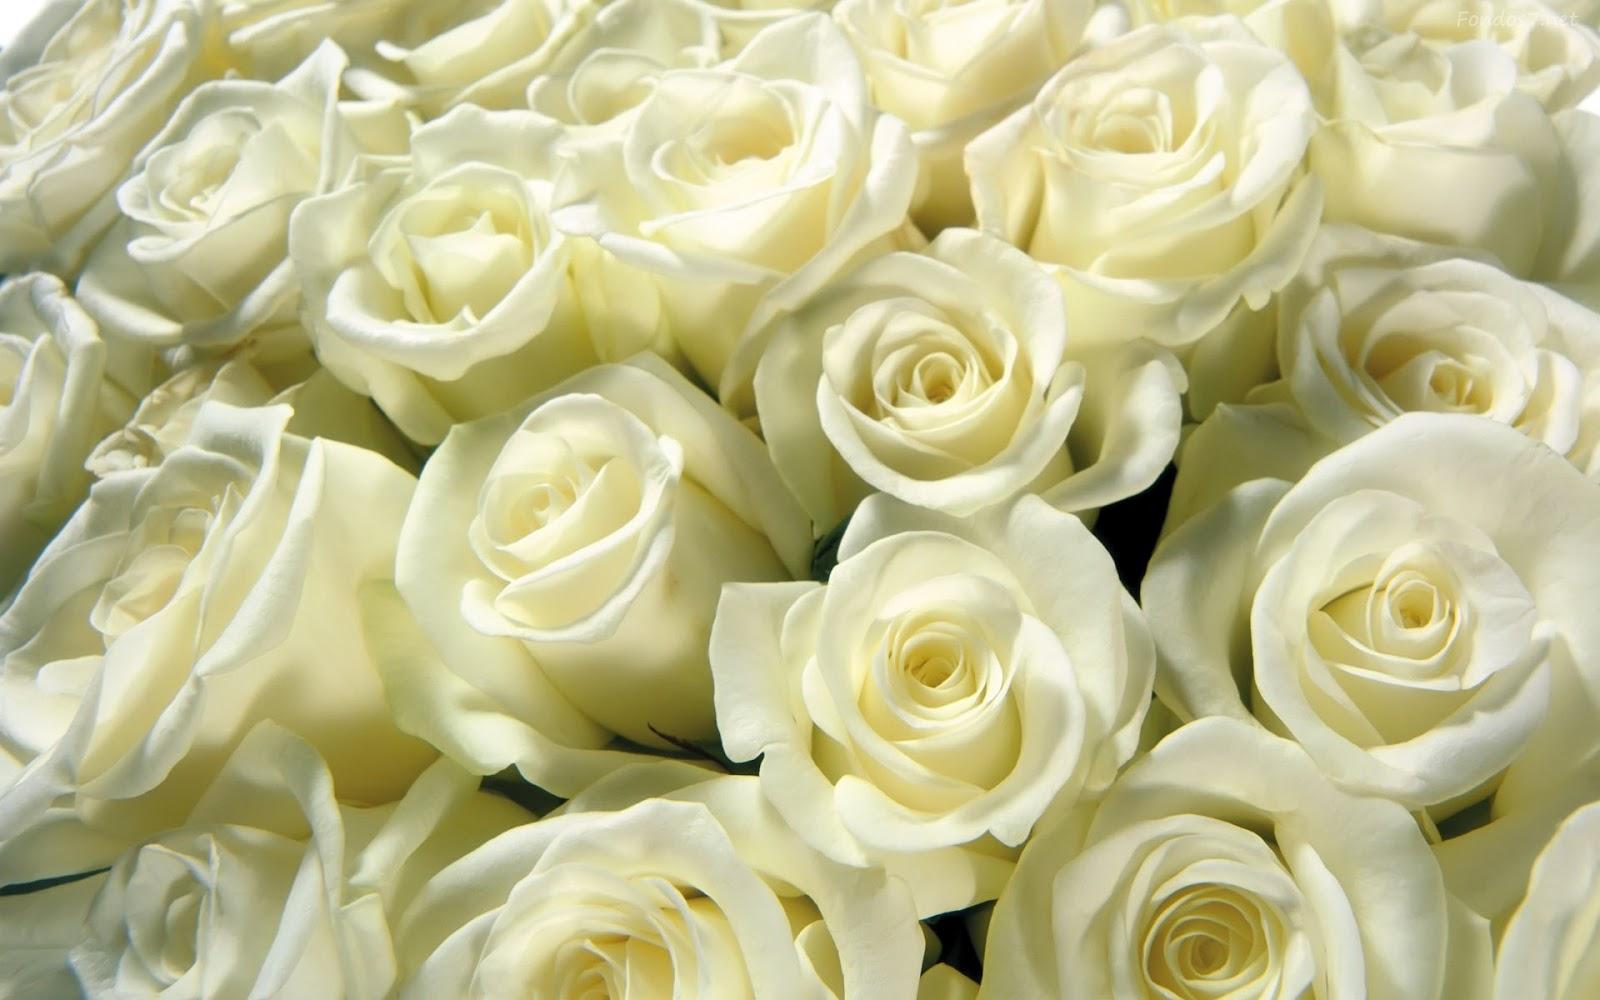 Novecientas trece rosas blancas